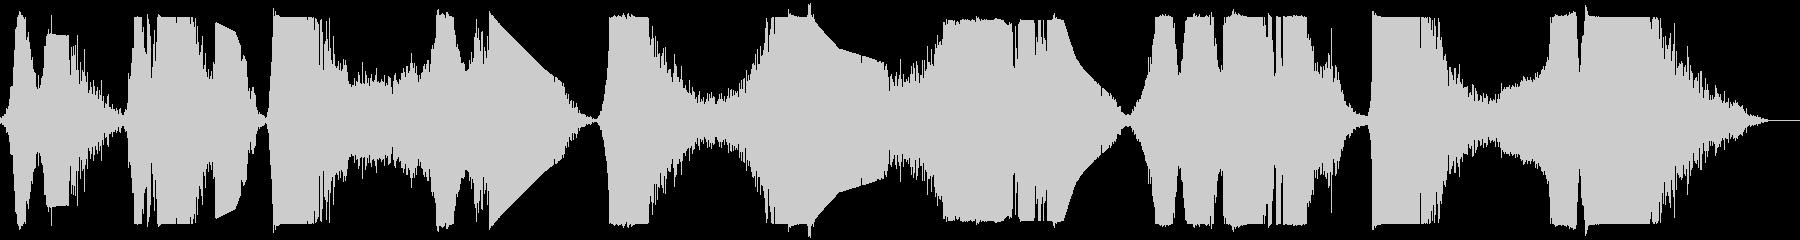 メタルヒット、メタリックスウィッシ...の未再生の波形